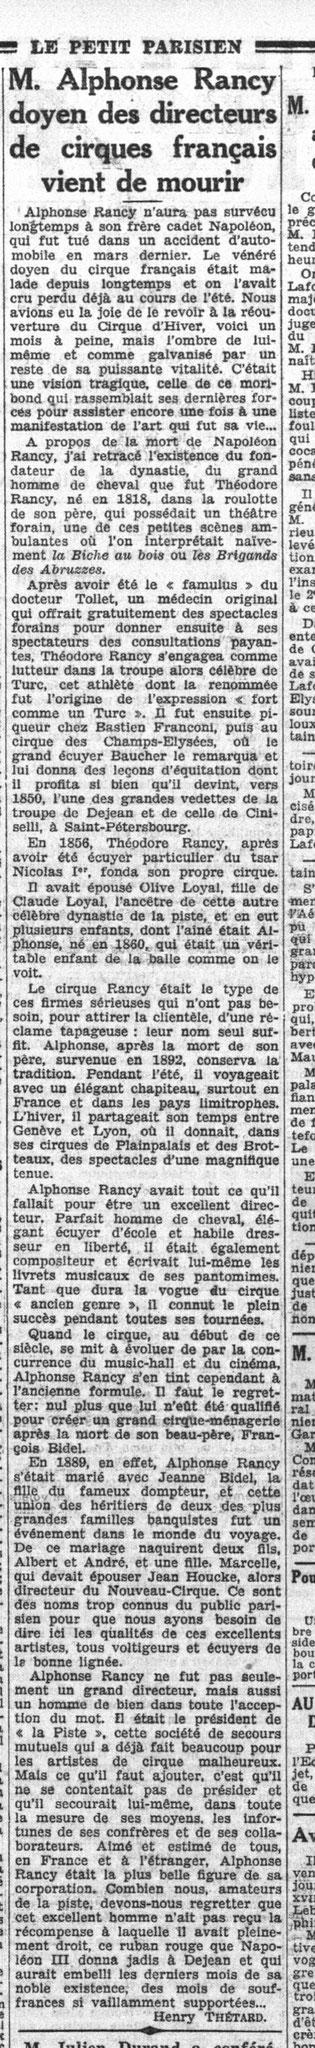 Le Petit Parisien - 20 Octobre 1932 - Mort de Alphonse Rancy